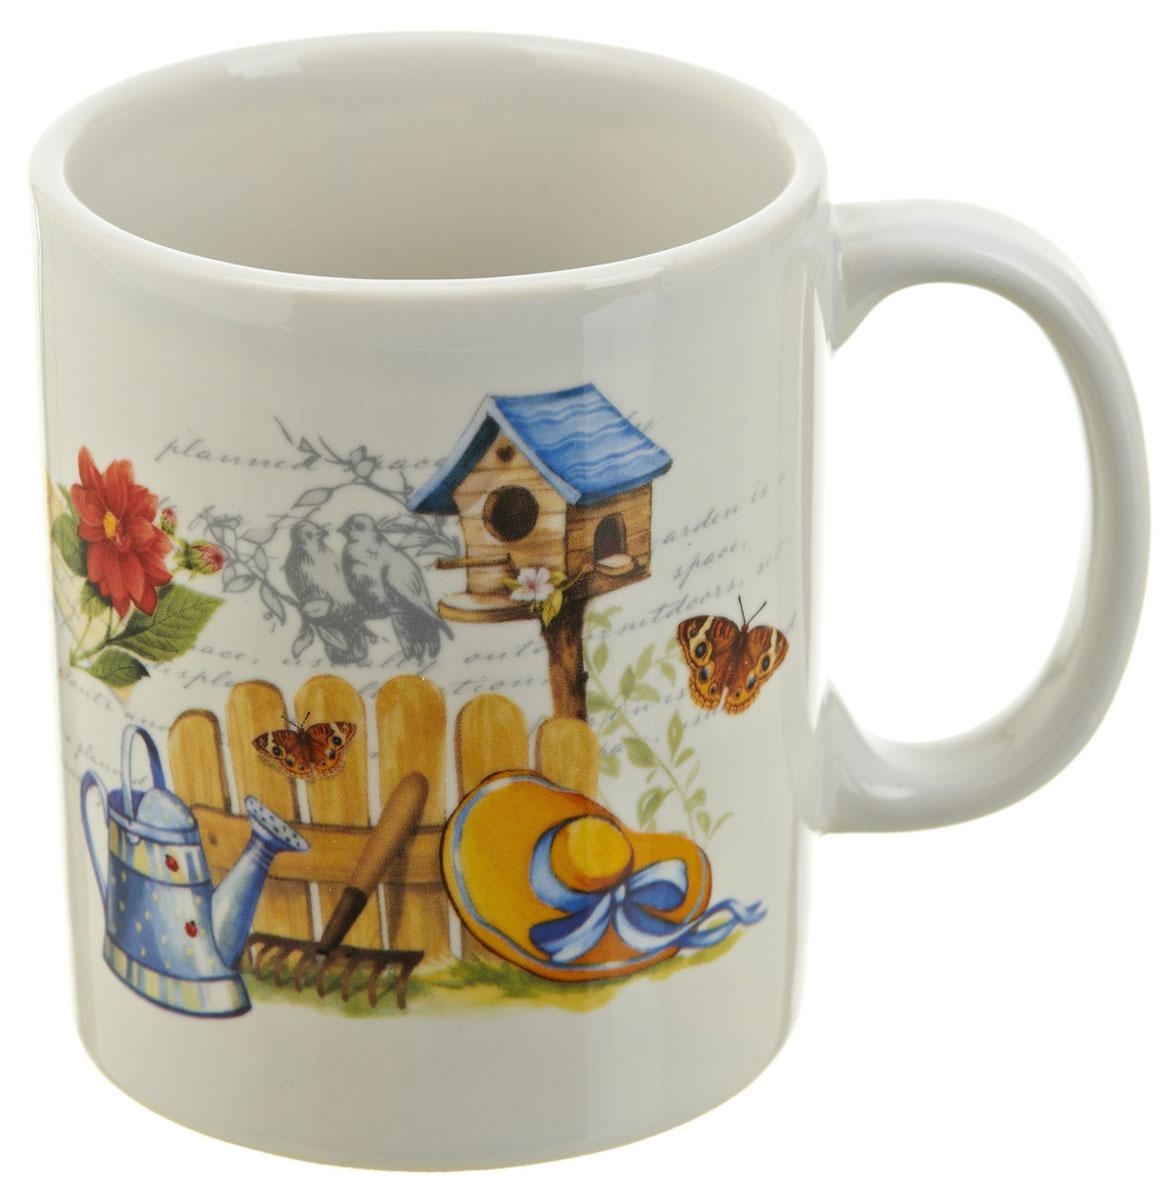 Кружка ENS Group Сад, 310 мл. 066003754 009312Кружка Сад выполнена из высококачественной керамики. Снаружи она декорирована ярким рисунком.Кружка сочетает в себе оригинальный дизайн и функциональность. Благодаря такой кружке пить напитки будет еще вкуснее. Может послужить отличным подарком родным и близким!Можно мыть в посудомоечной машине.